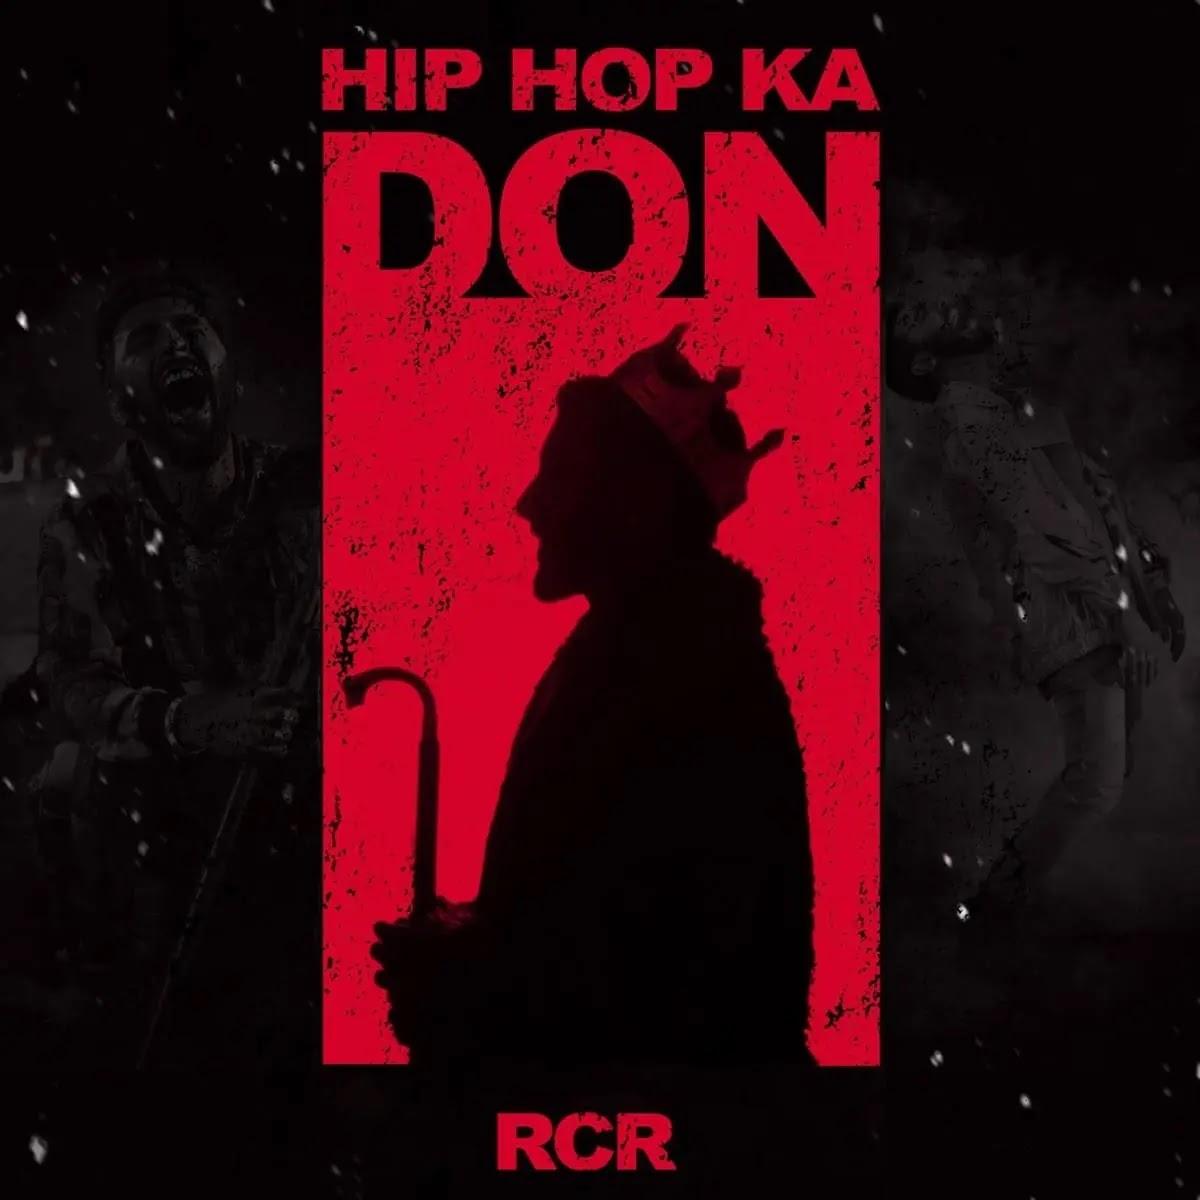 Hip Hop Ka Don RCR Mp3 Song Download 320kbps Free